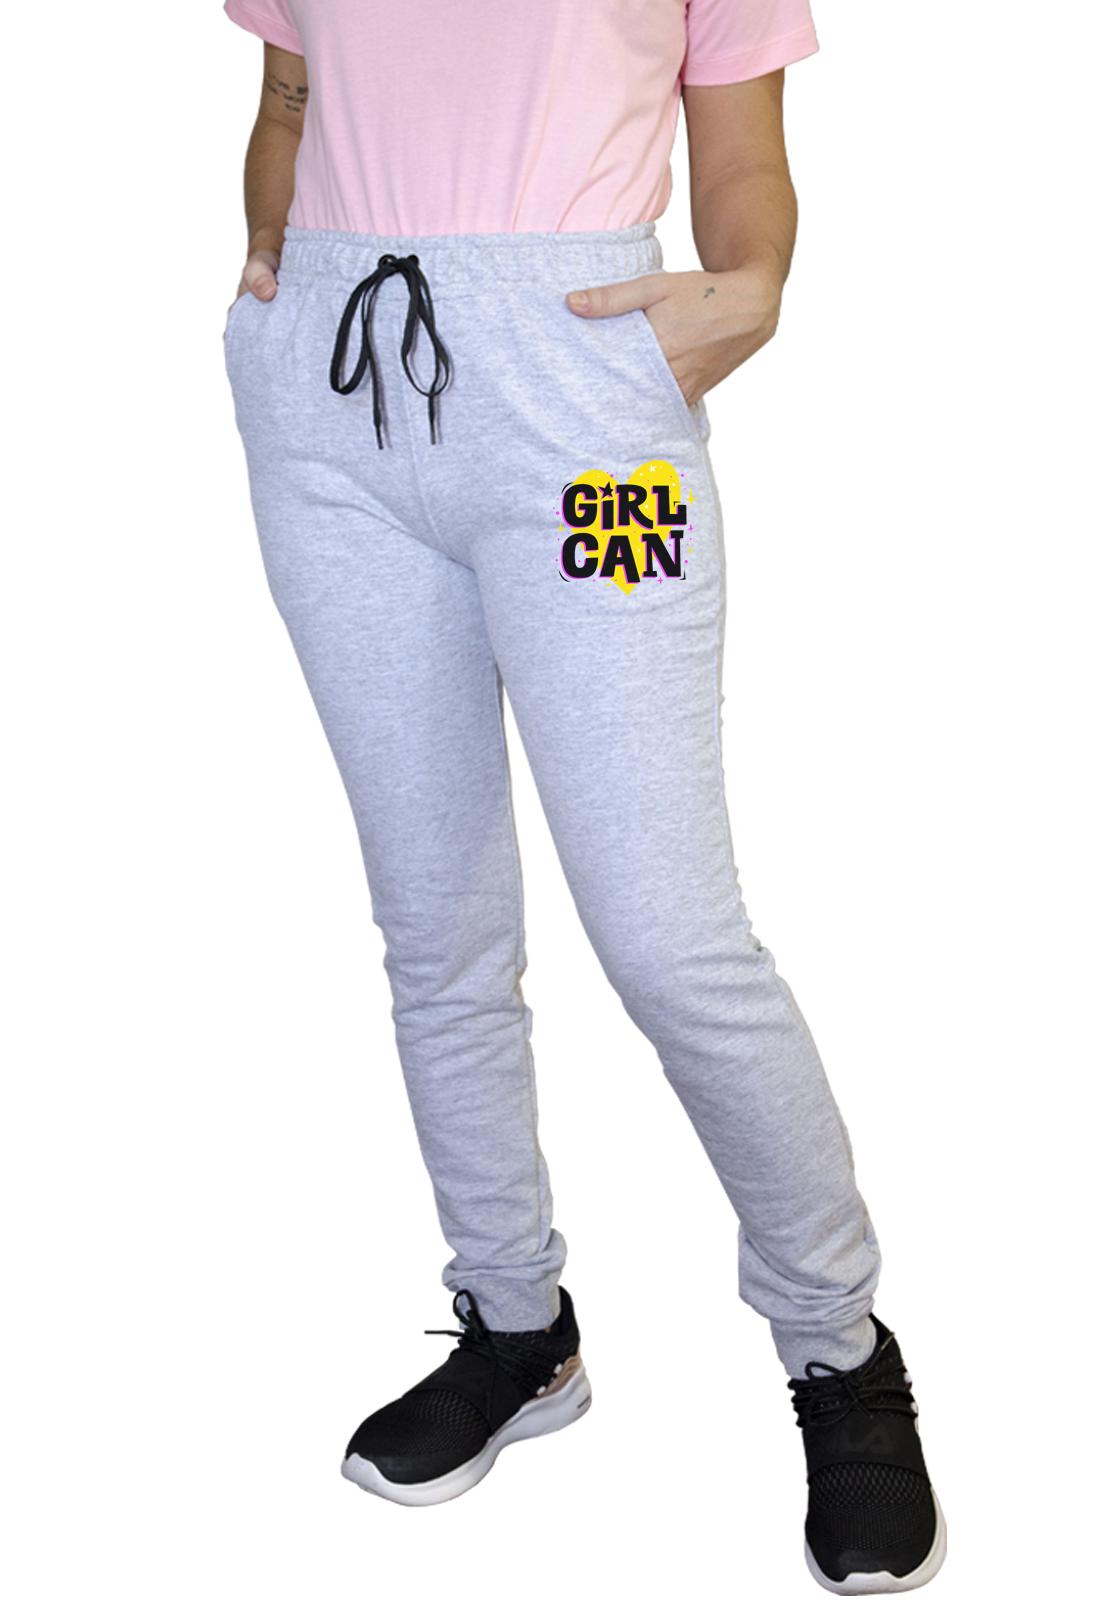 Calça Feminina Jogger Boutique Judith Girl Can